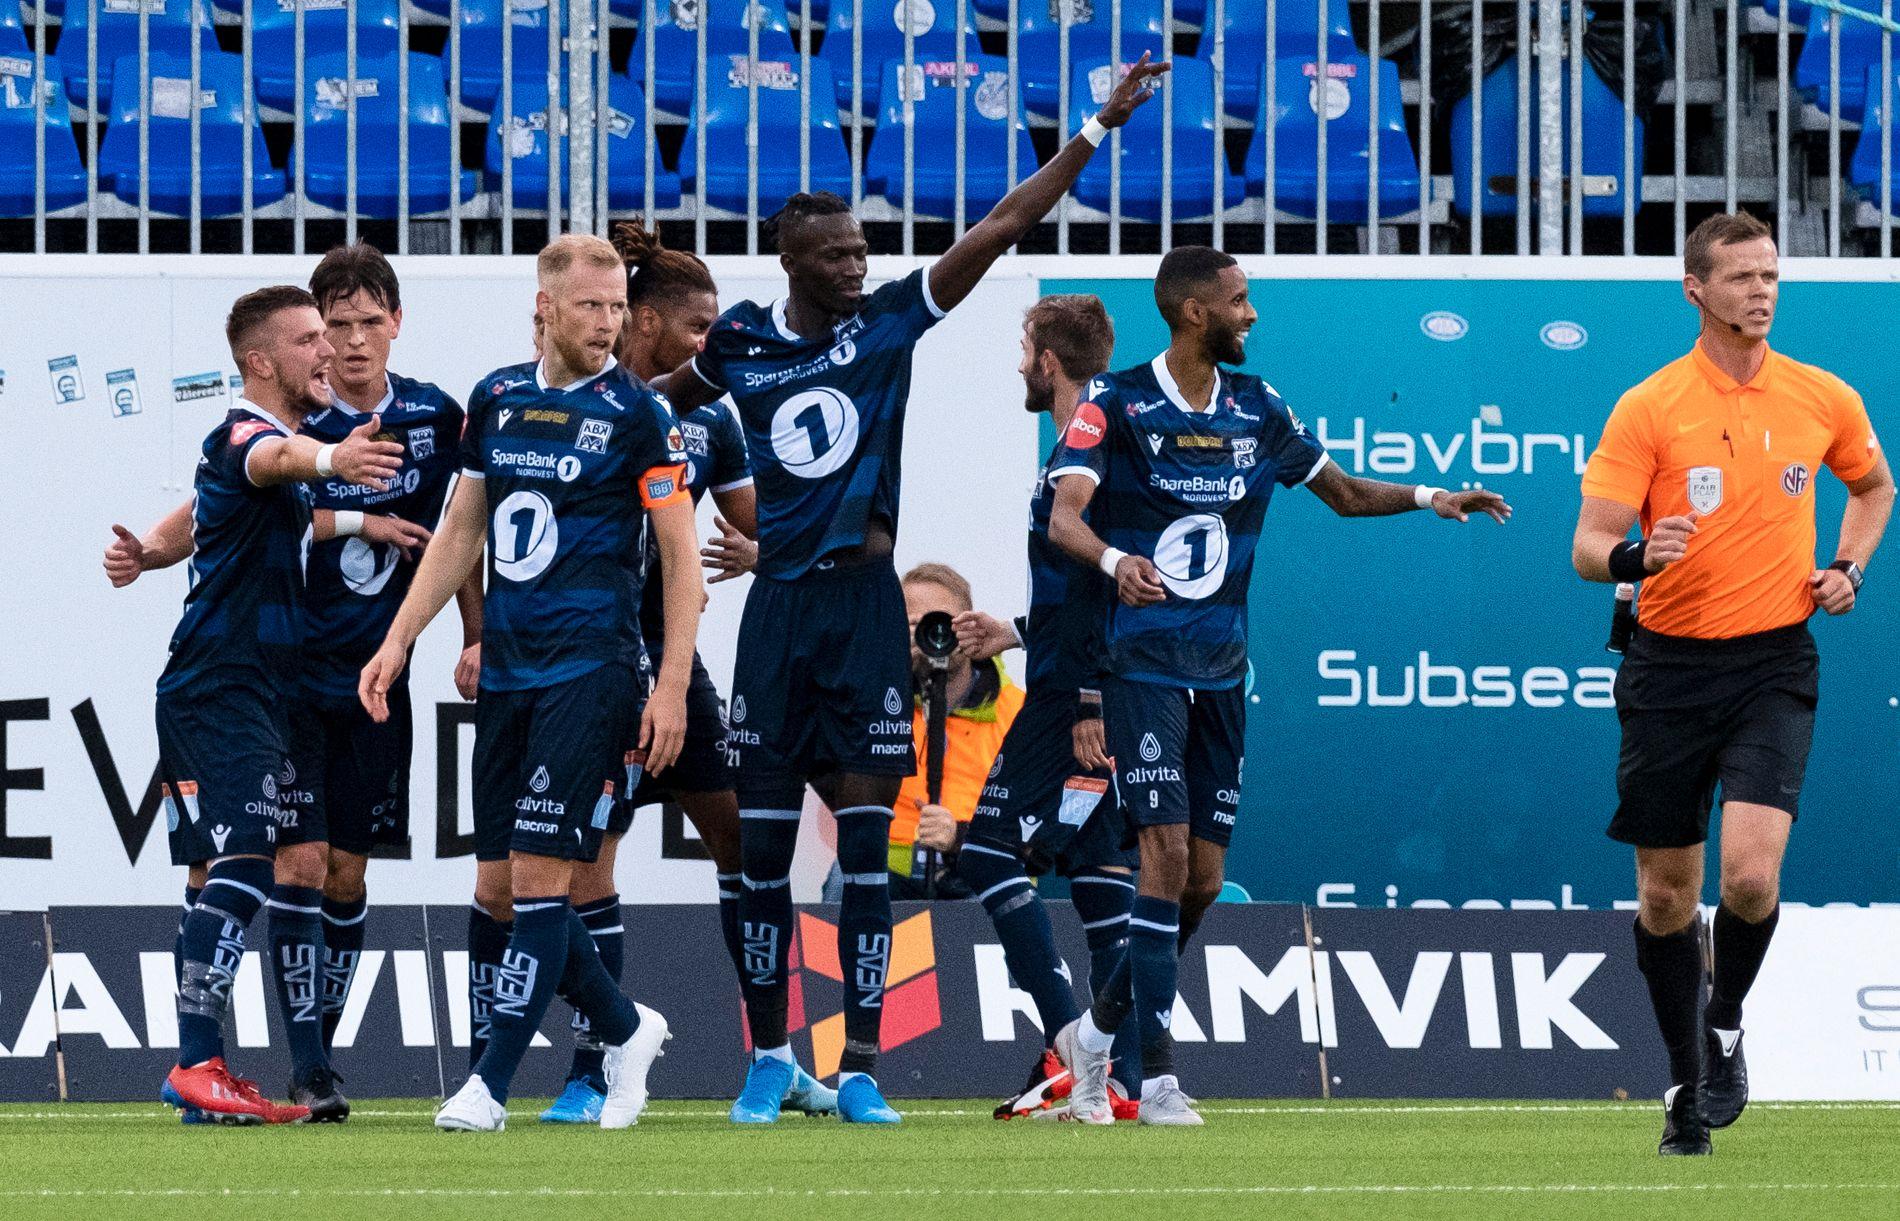 FLYTSONEN: Kristiansund var i god form før landslagspausen. Her fra kampen mot Mjøndalen som de vant 4–0.